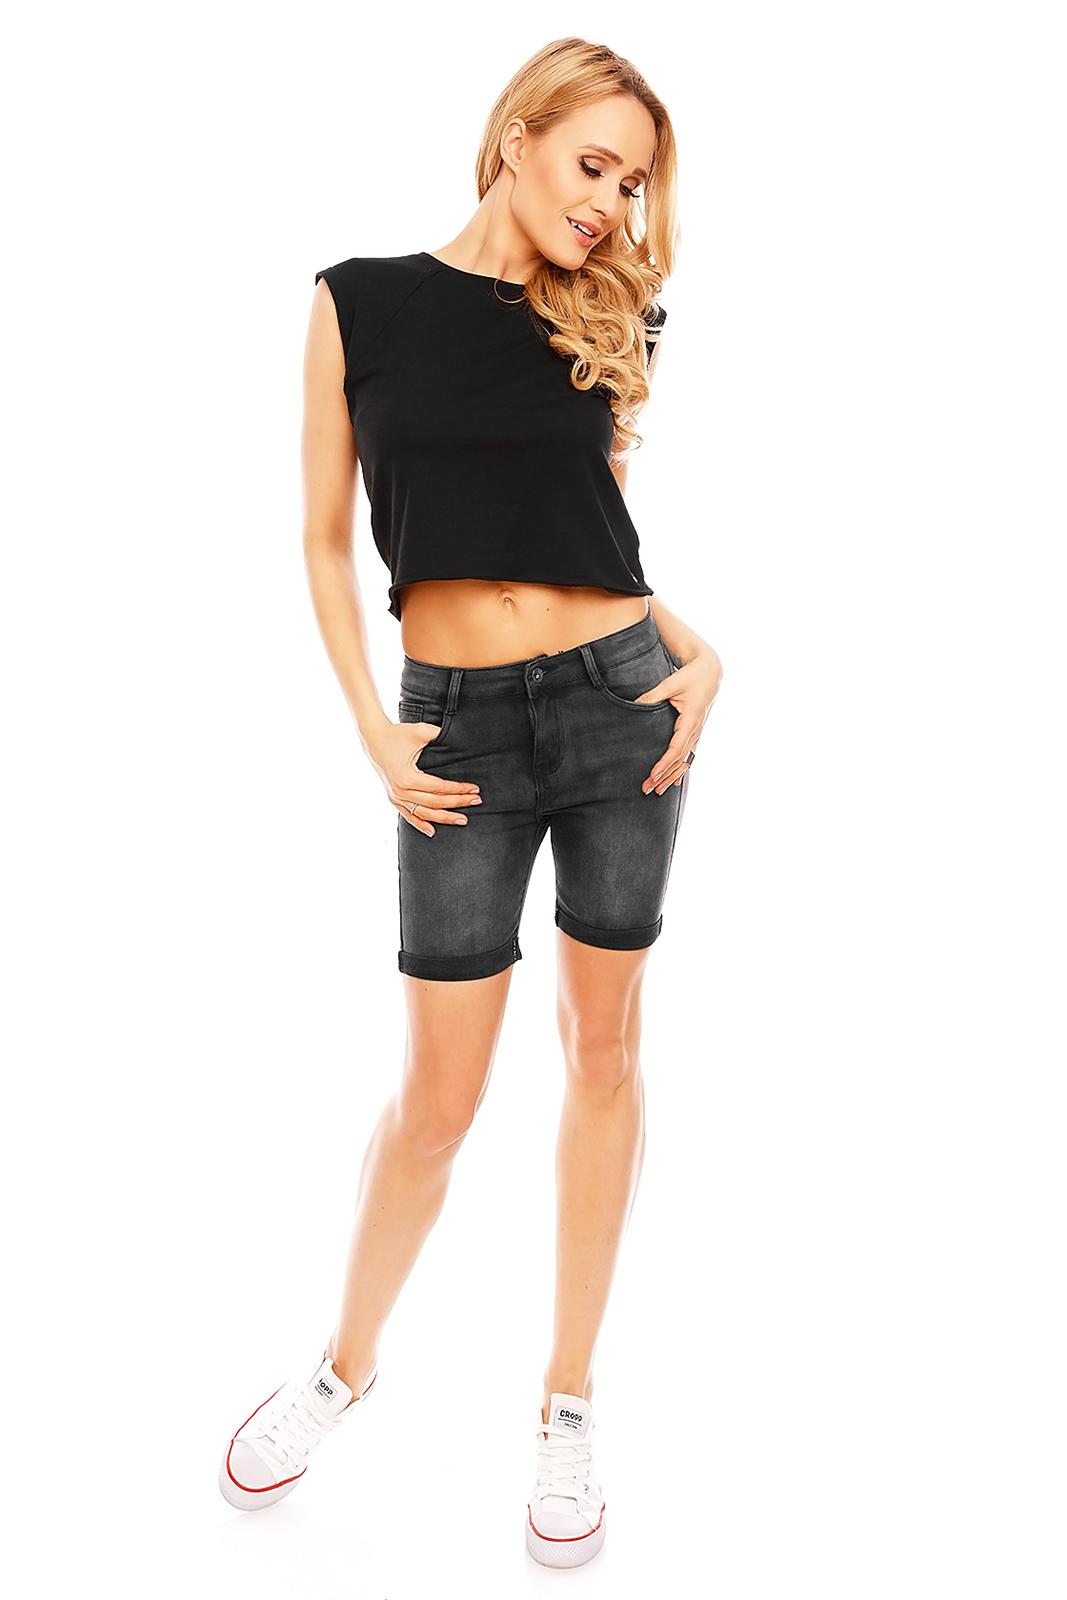 eb42c97d6807 Biena Atraktívne krátke čierne nohavice   Biena dámske oblečenie